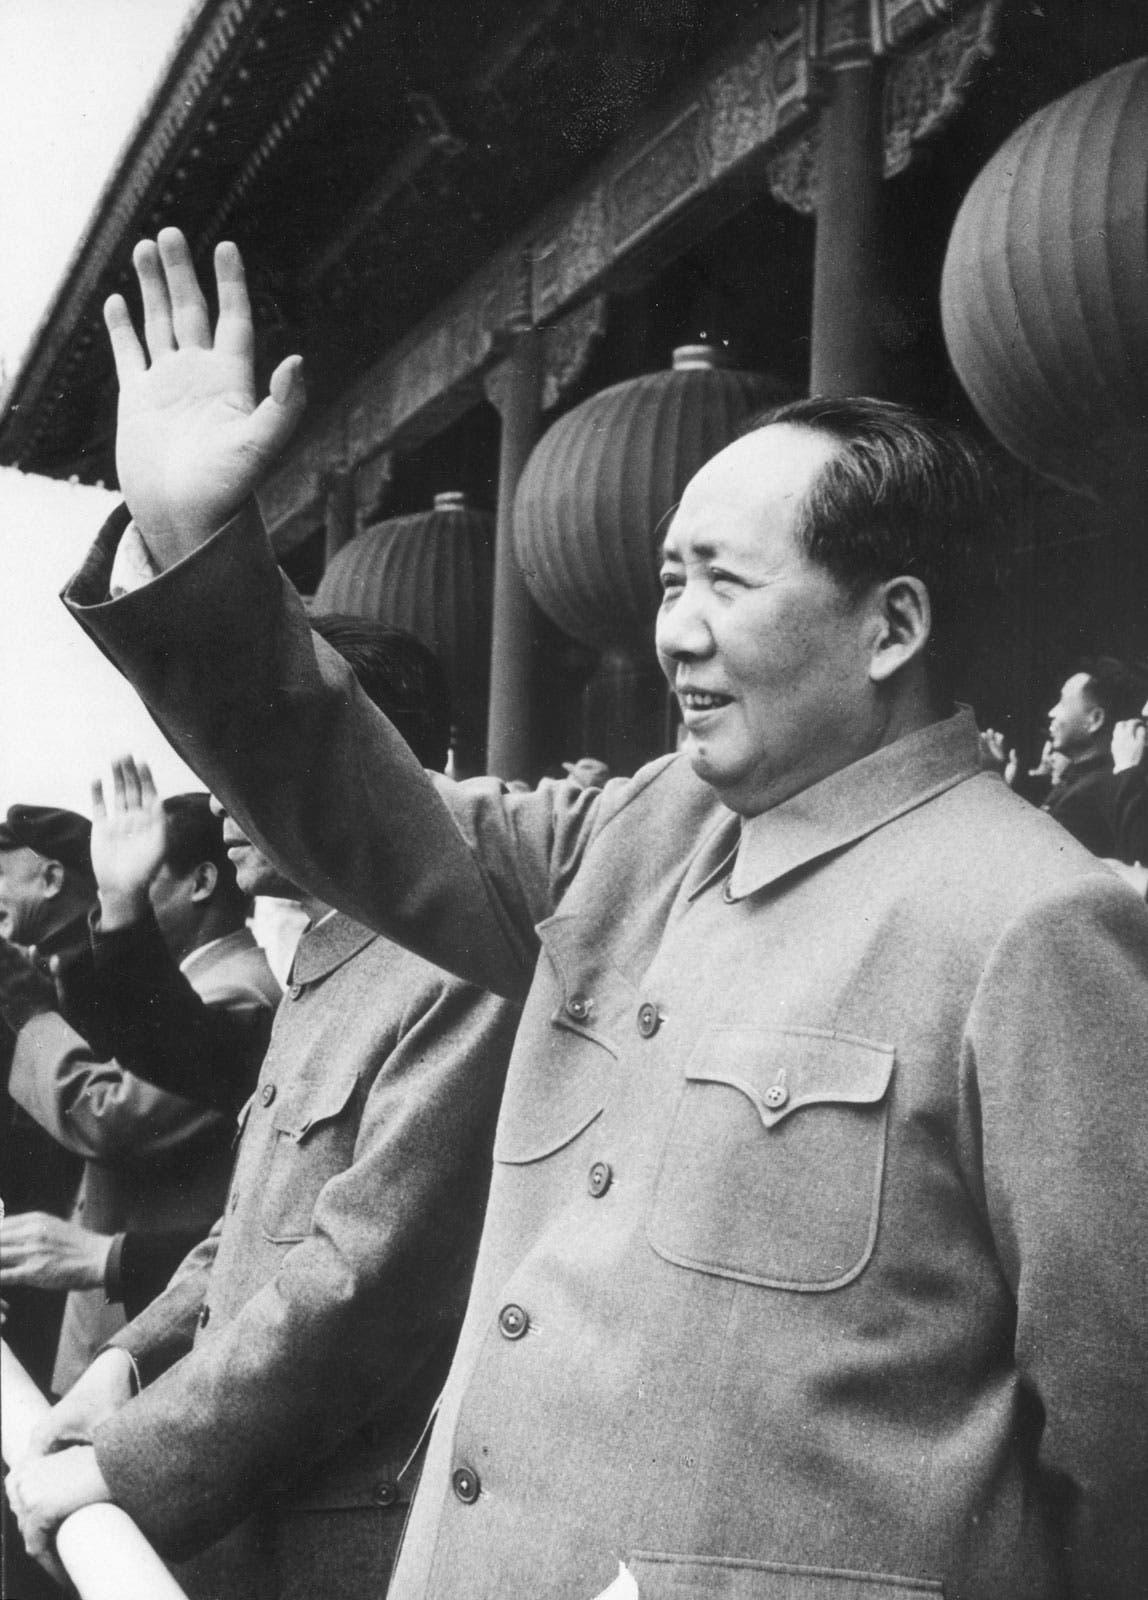 صورة للقائد الشيوعي ماو تسي تونغ مؤسس جمهورية الصين الشعبية